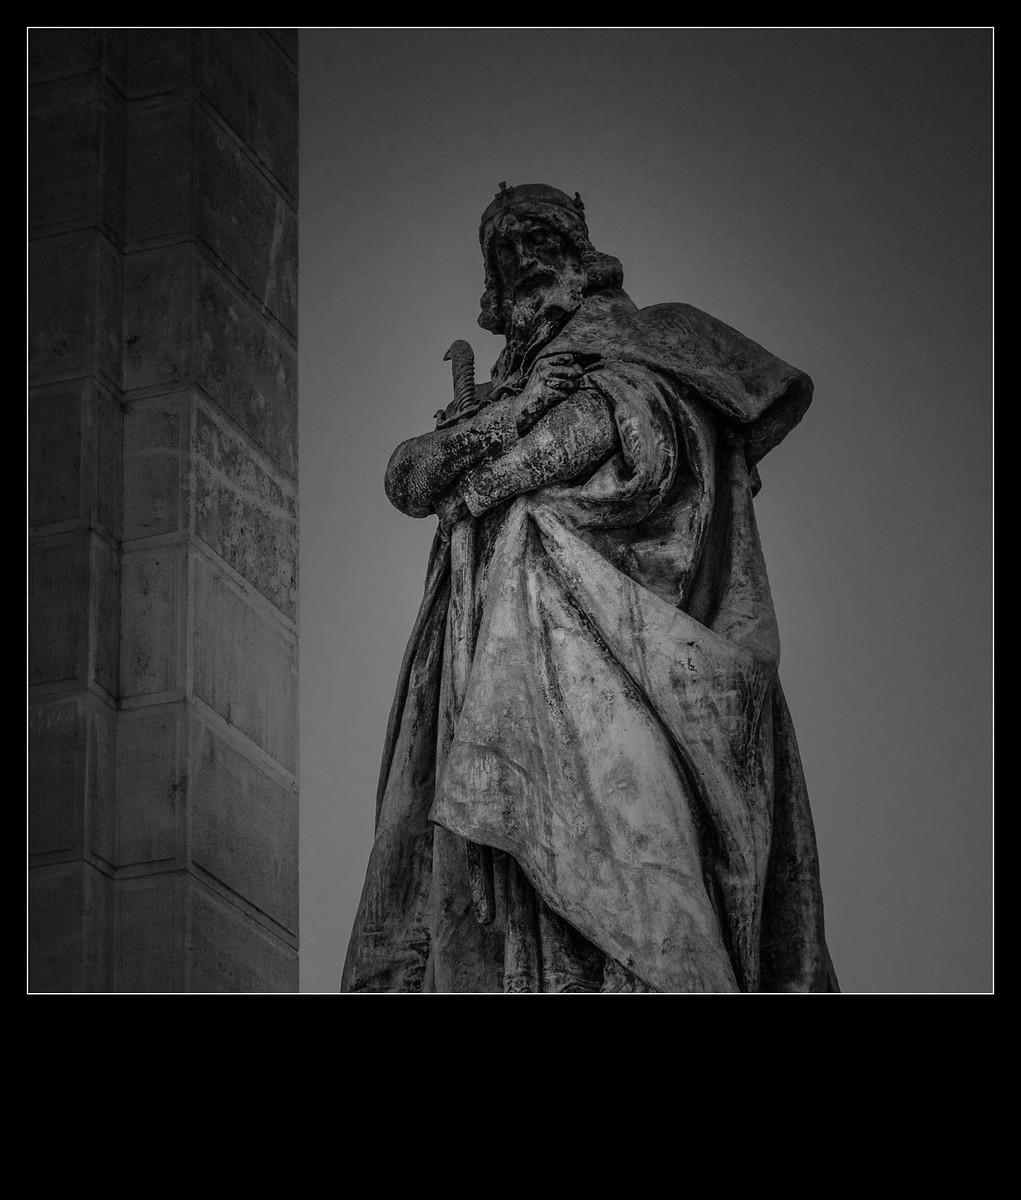 布达佩斯英雄广场的那些英雄们_图1-11